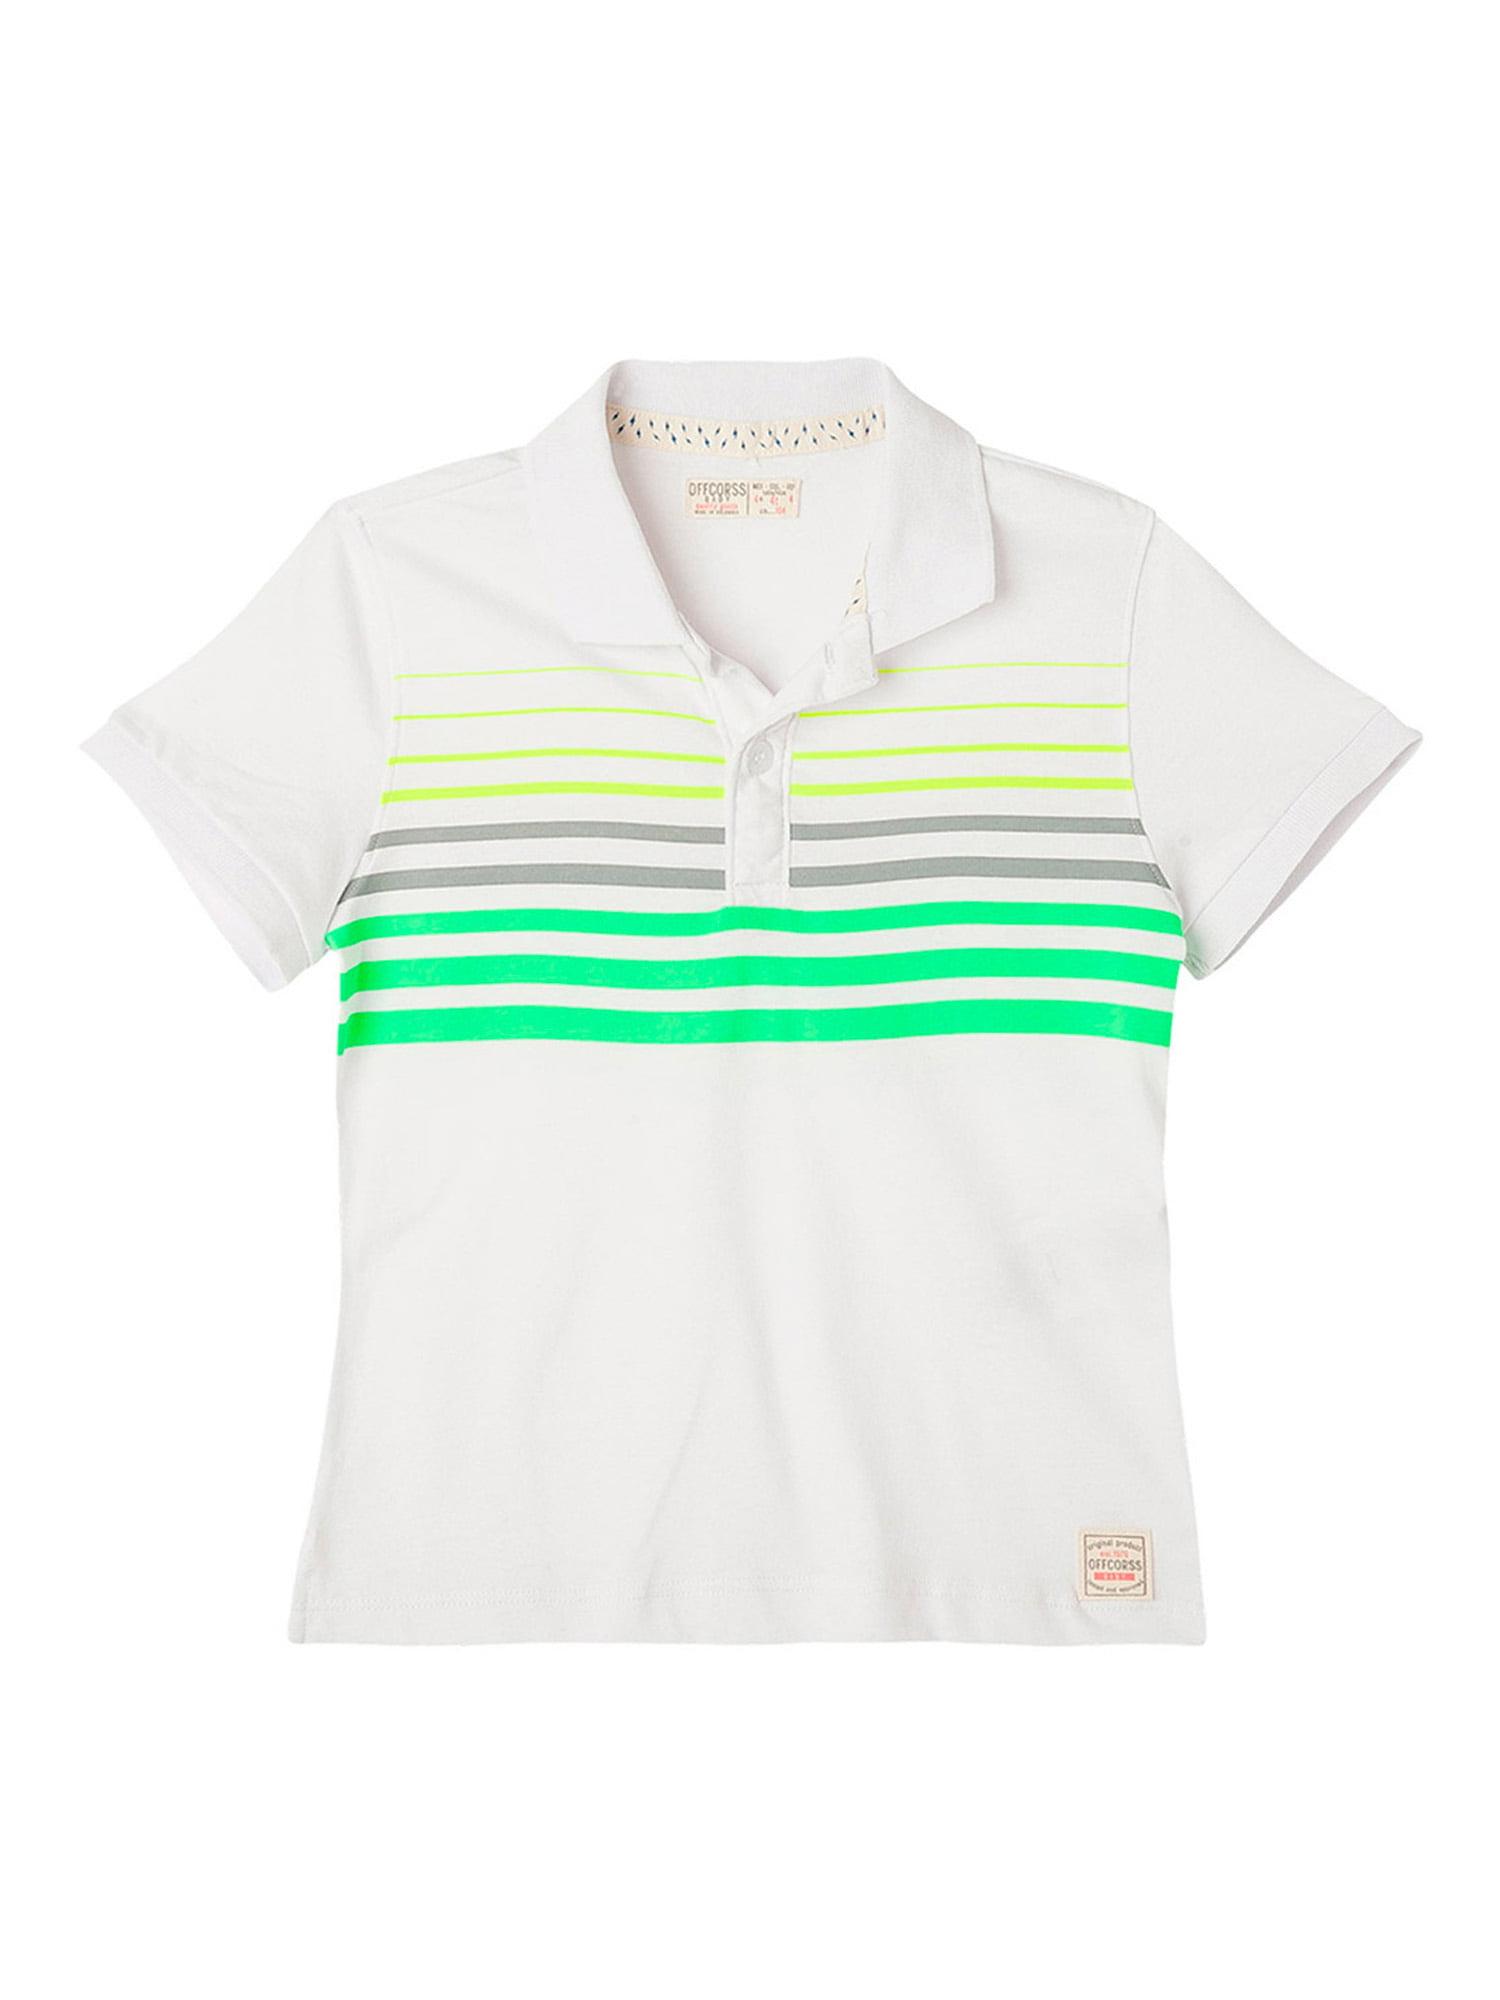 OFFCORSS Toddler Boy Cotton Polo T Shirt Camisa Camisetas Tipo Polo Para Niños